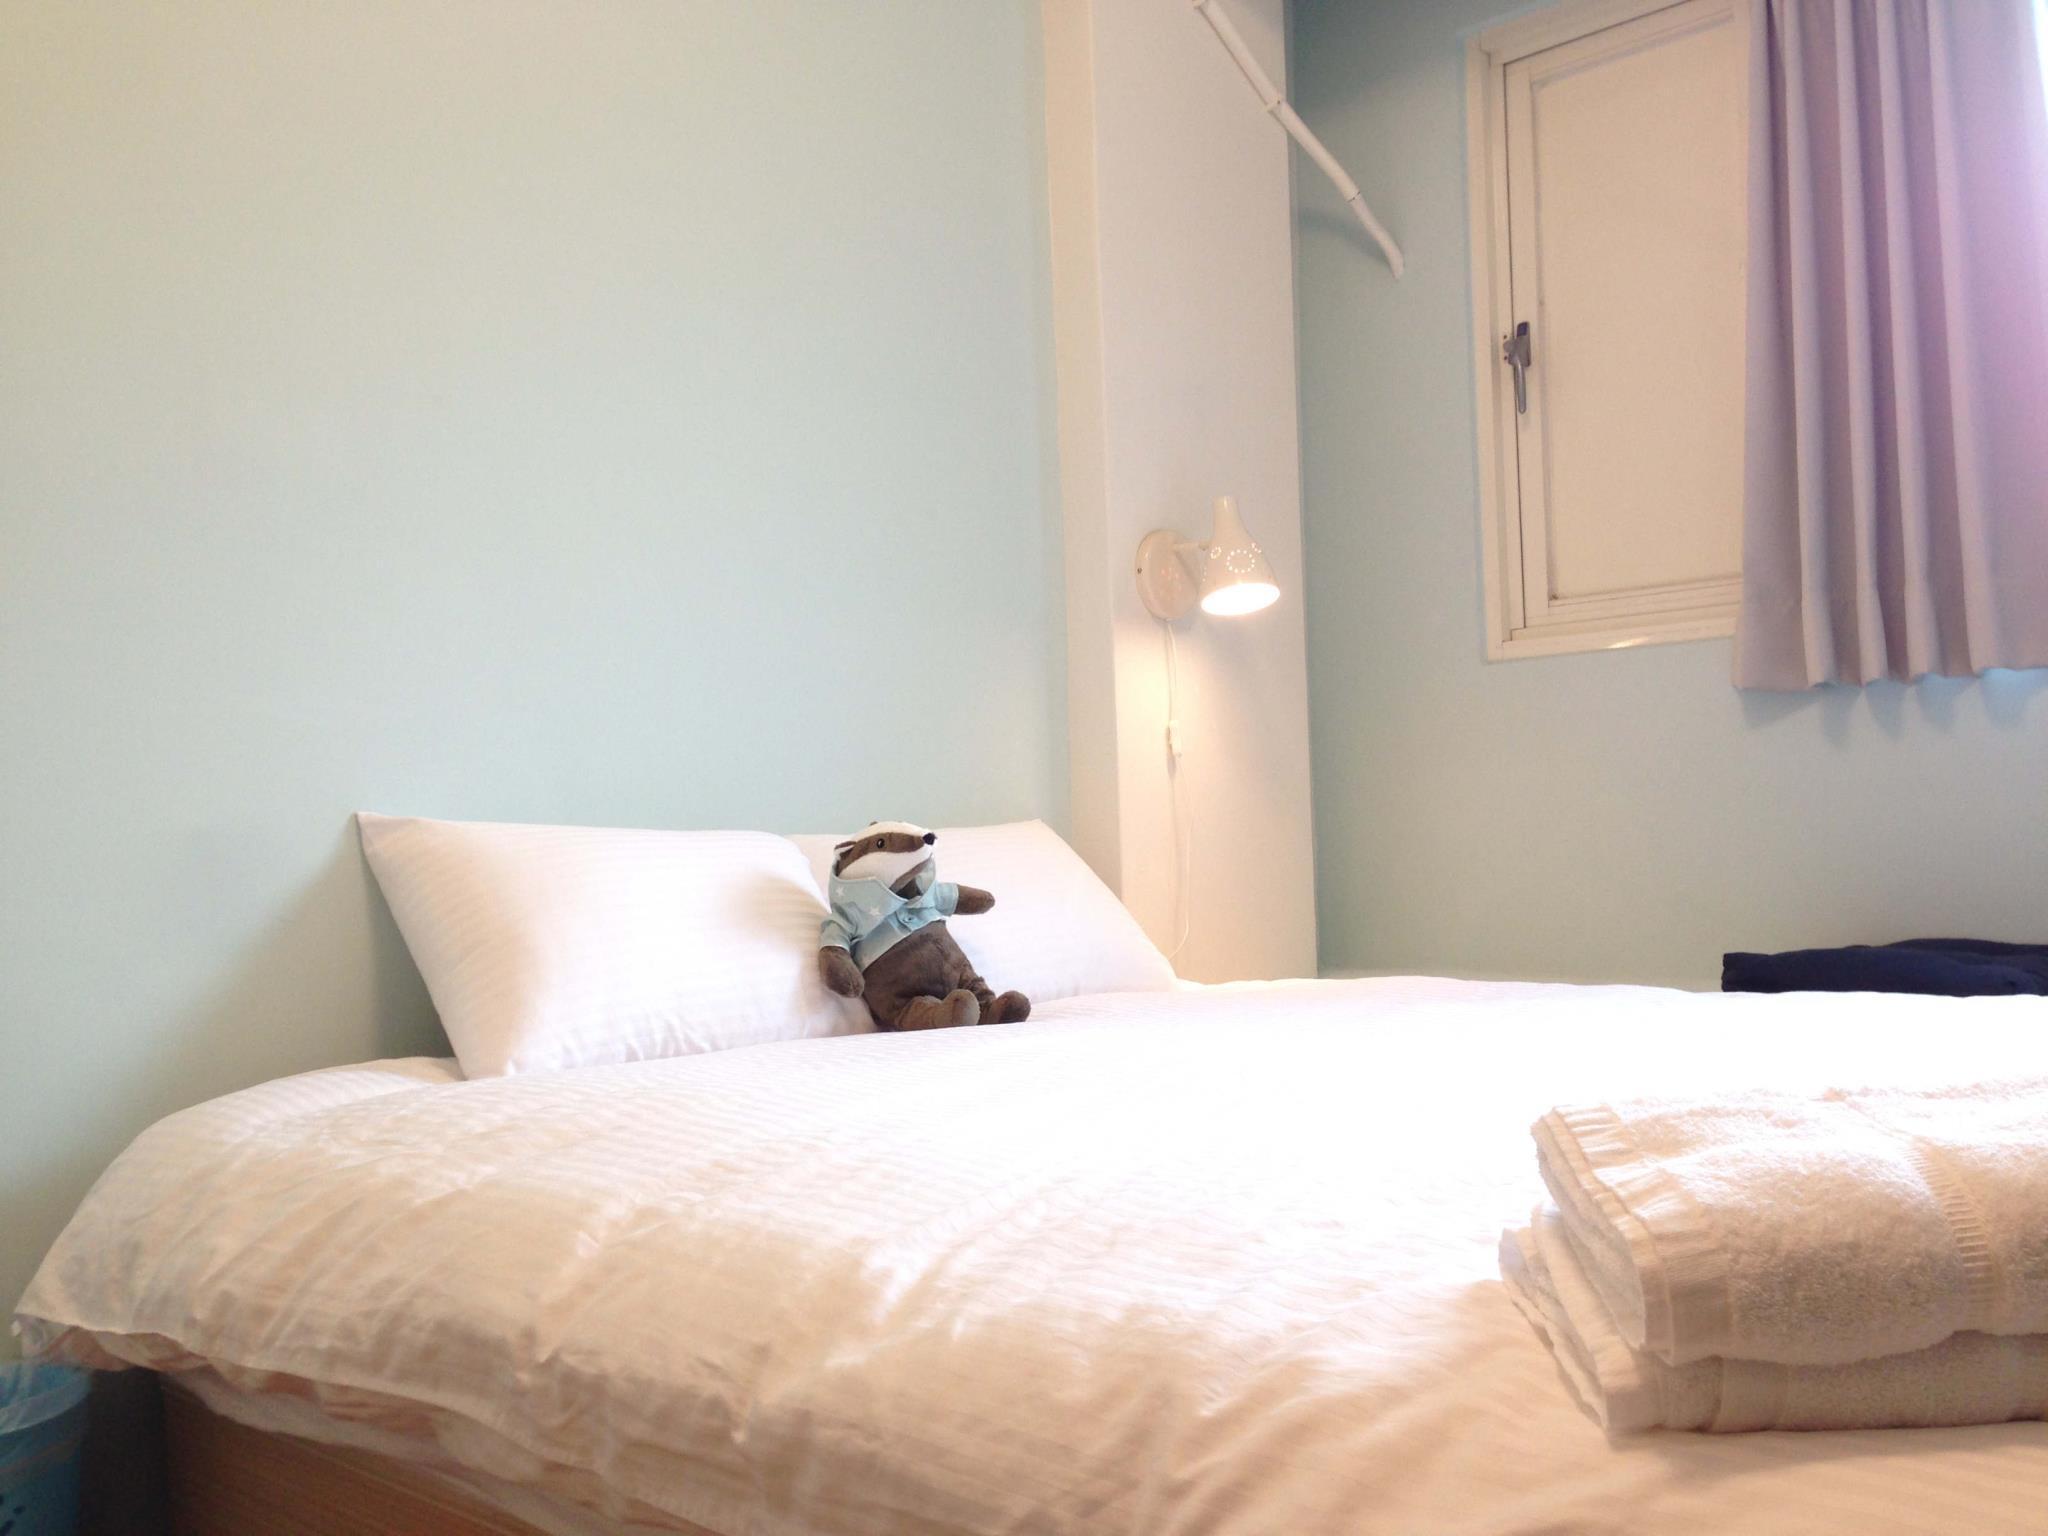 Fengjia No.5 Hostel Standard Double Room14